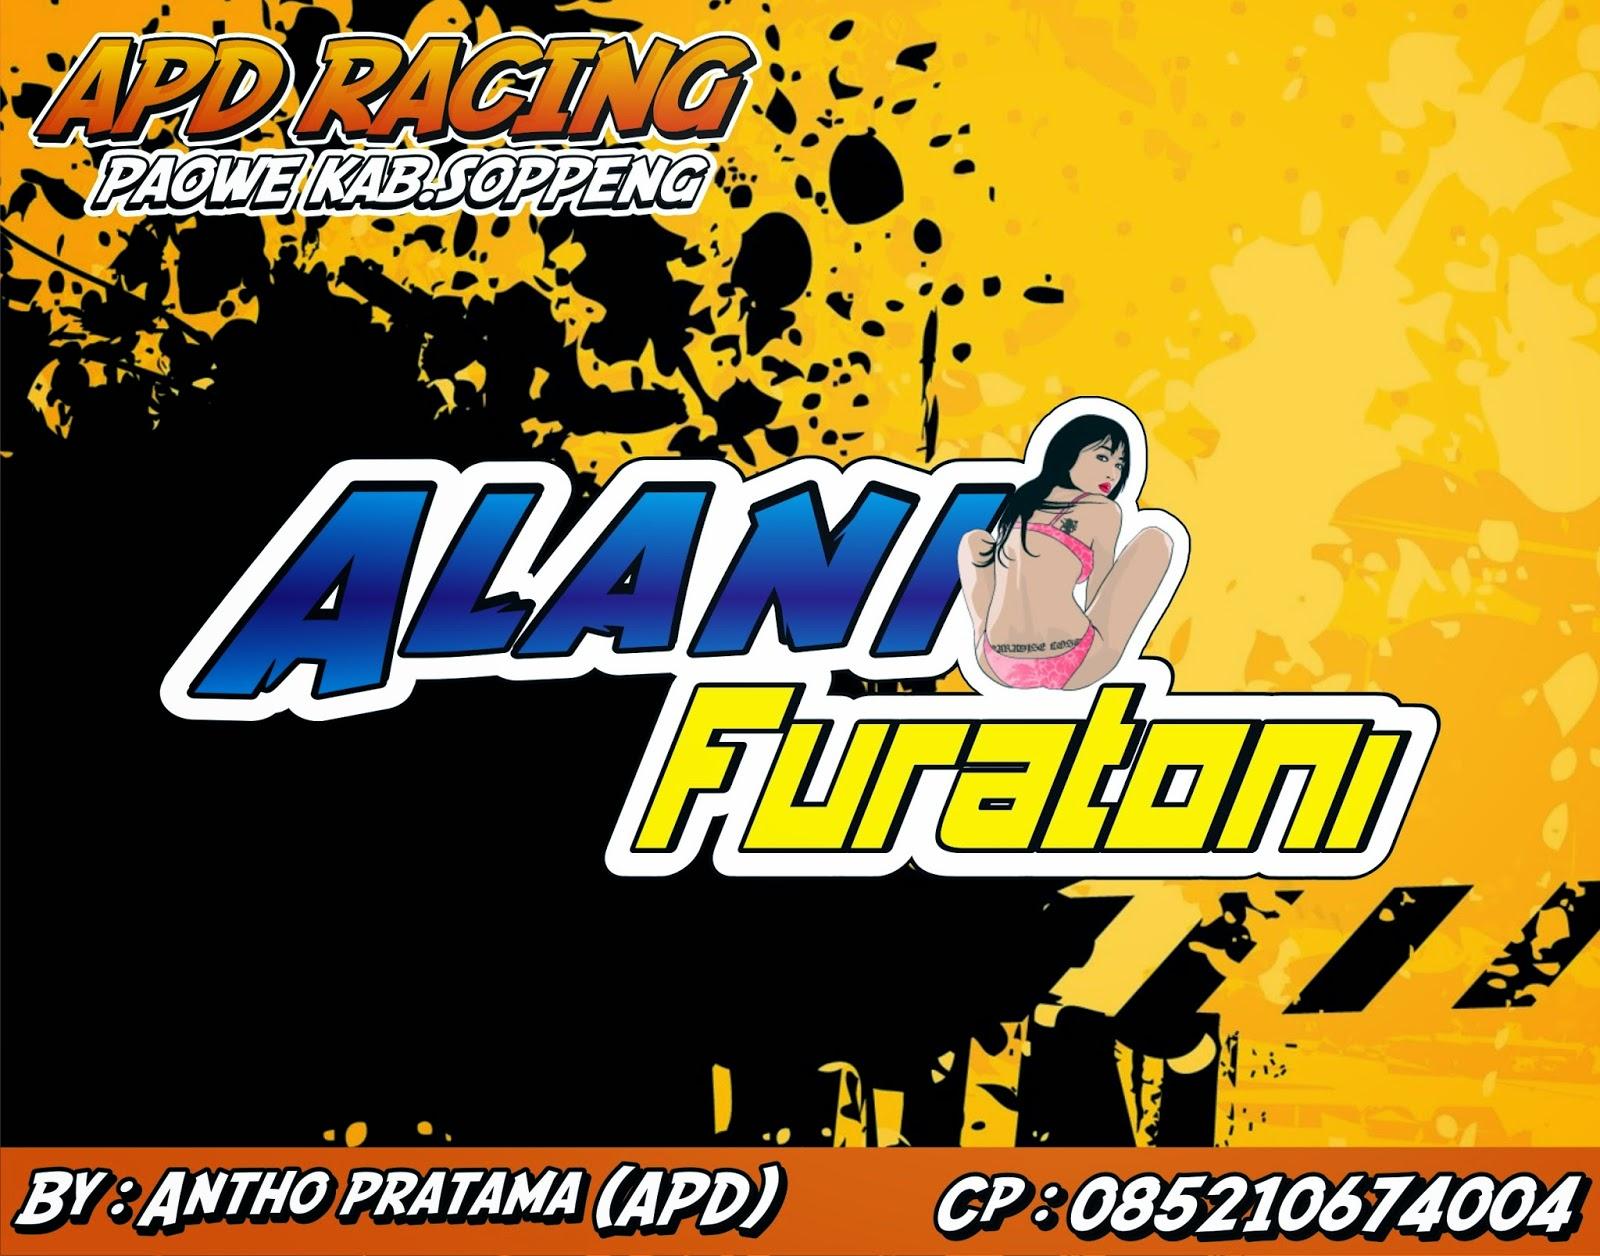 Apd racing design